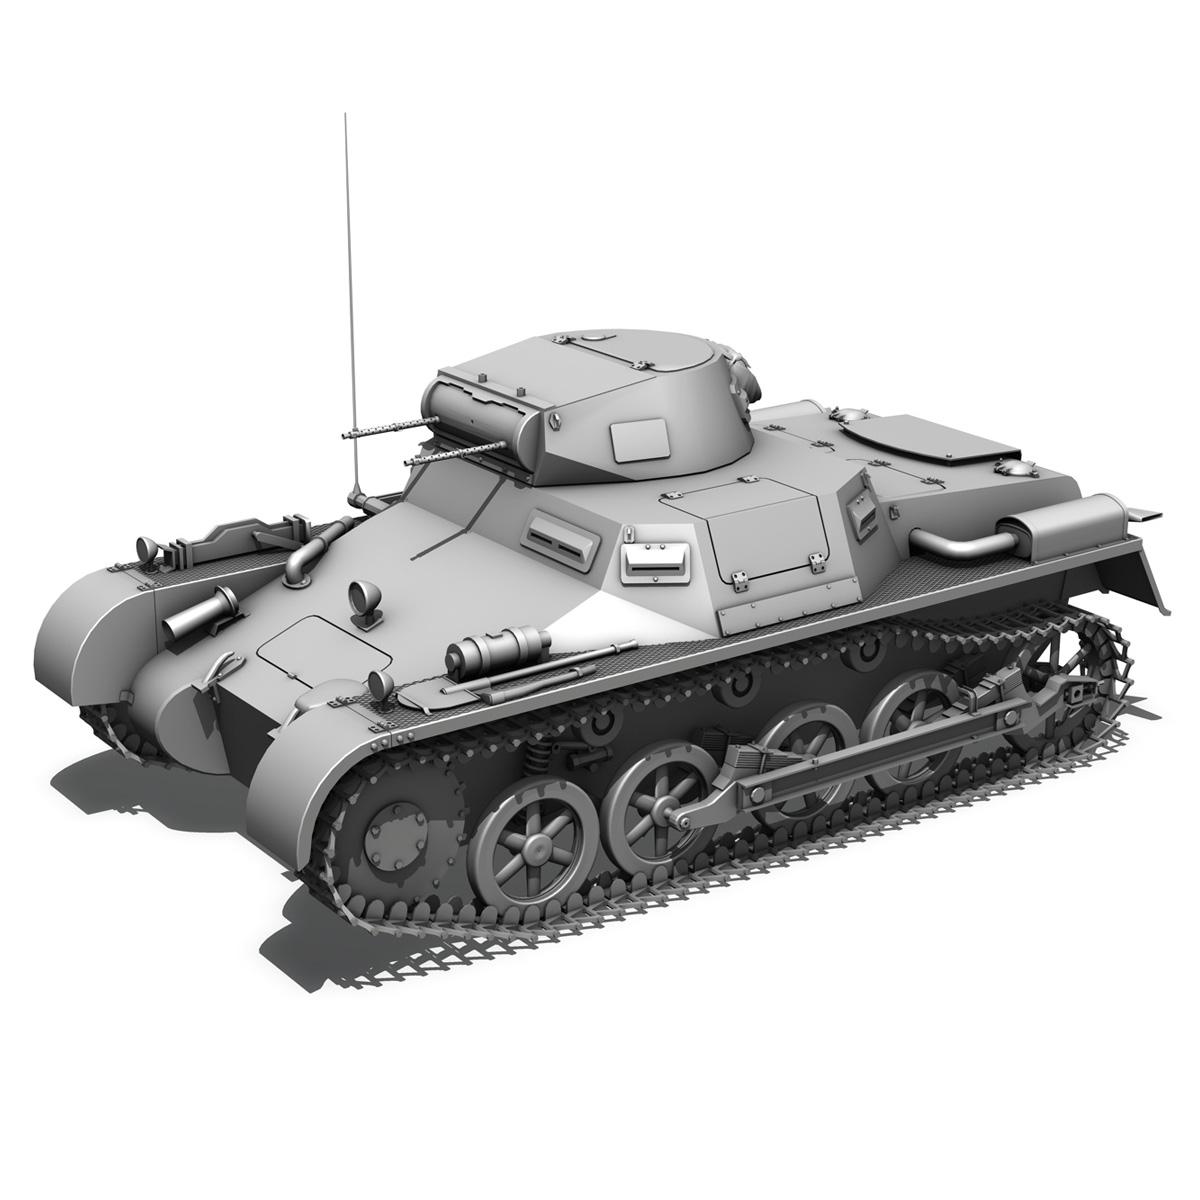 sd.kfz 101 pzkpfw 1 ausfuehrung a 3d model 3ds fbx c4d lwo obj 188867